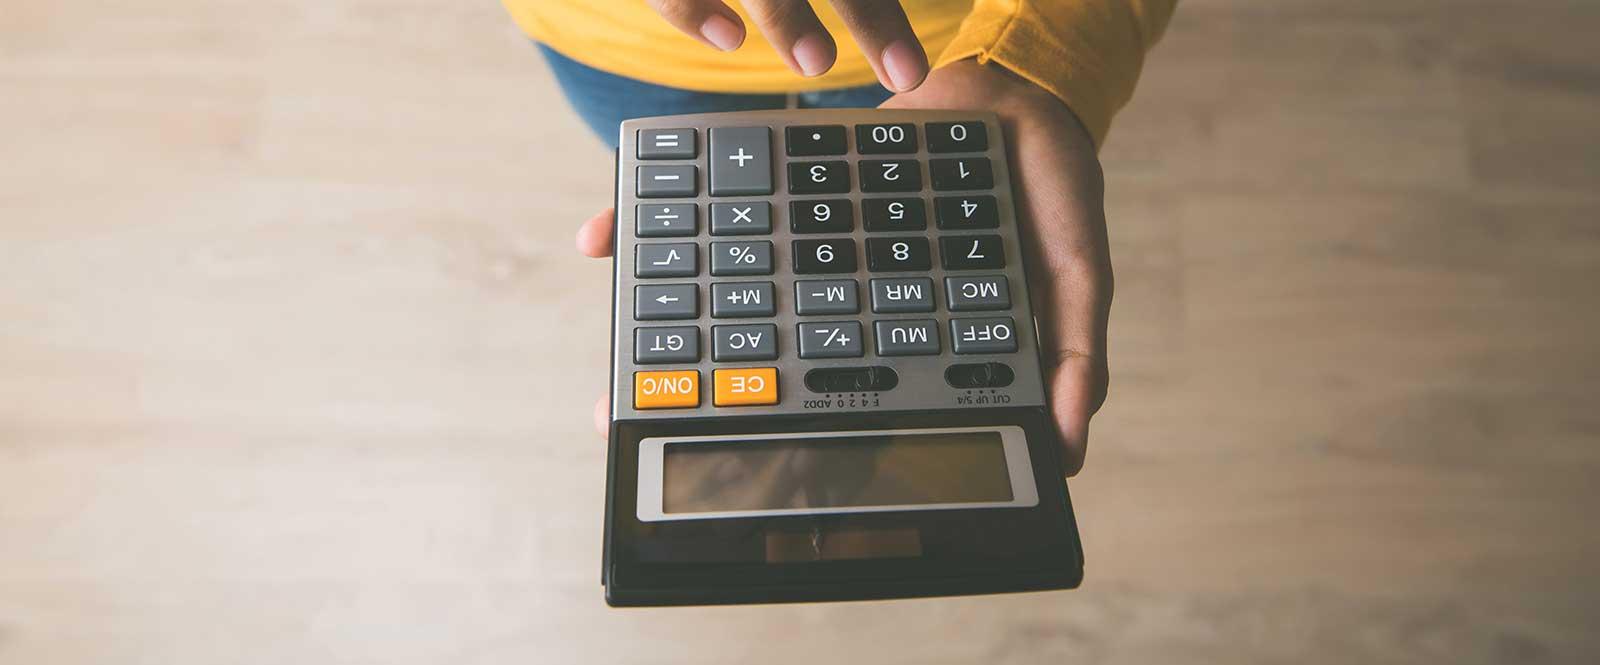 žena držiaca kalkulačku